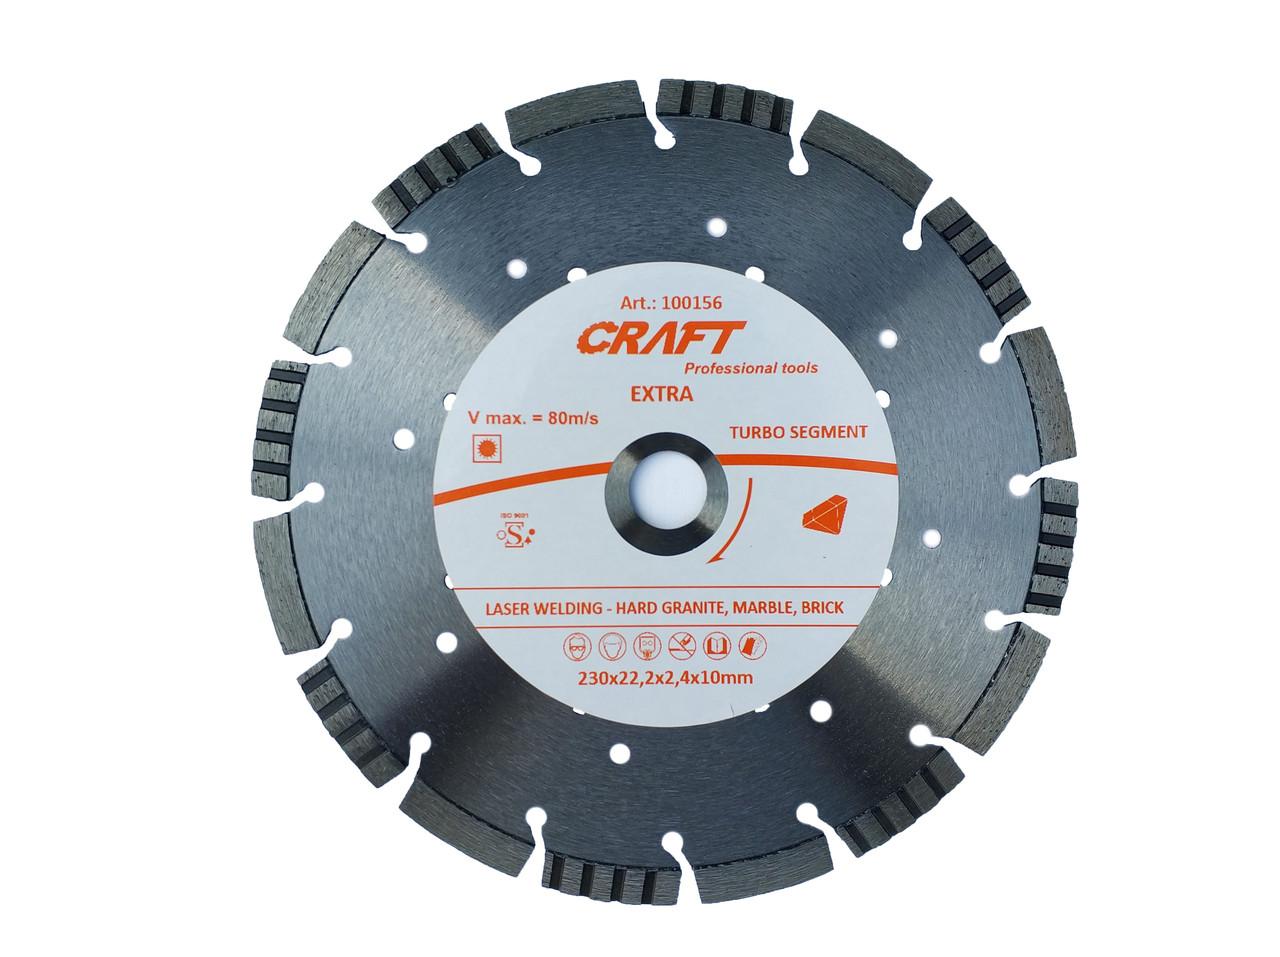 Диск Craft алмазний лазерний turbo segment 230*22.2*2.4*10мм сухе різання граниту, мармуру, бетону.